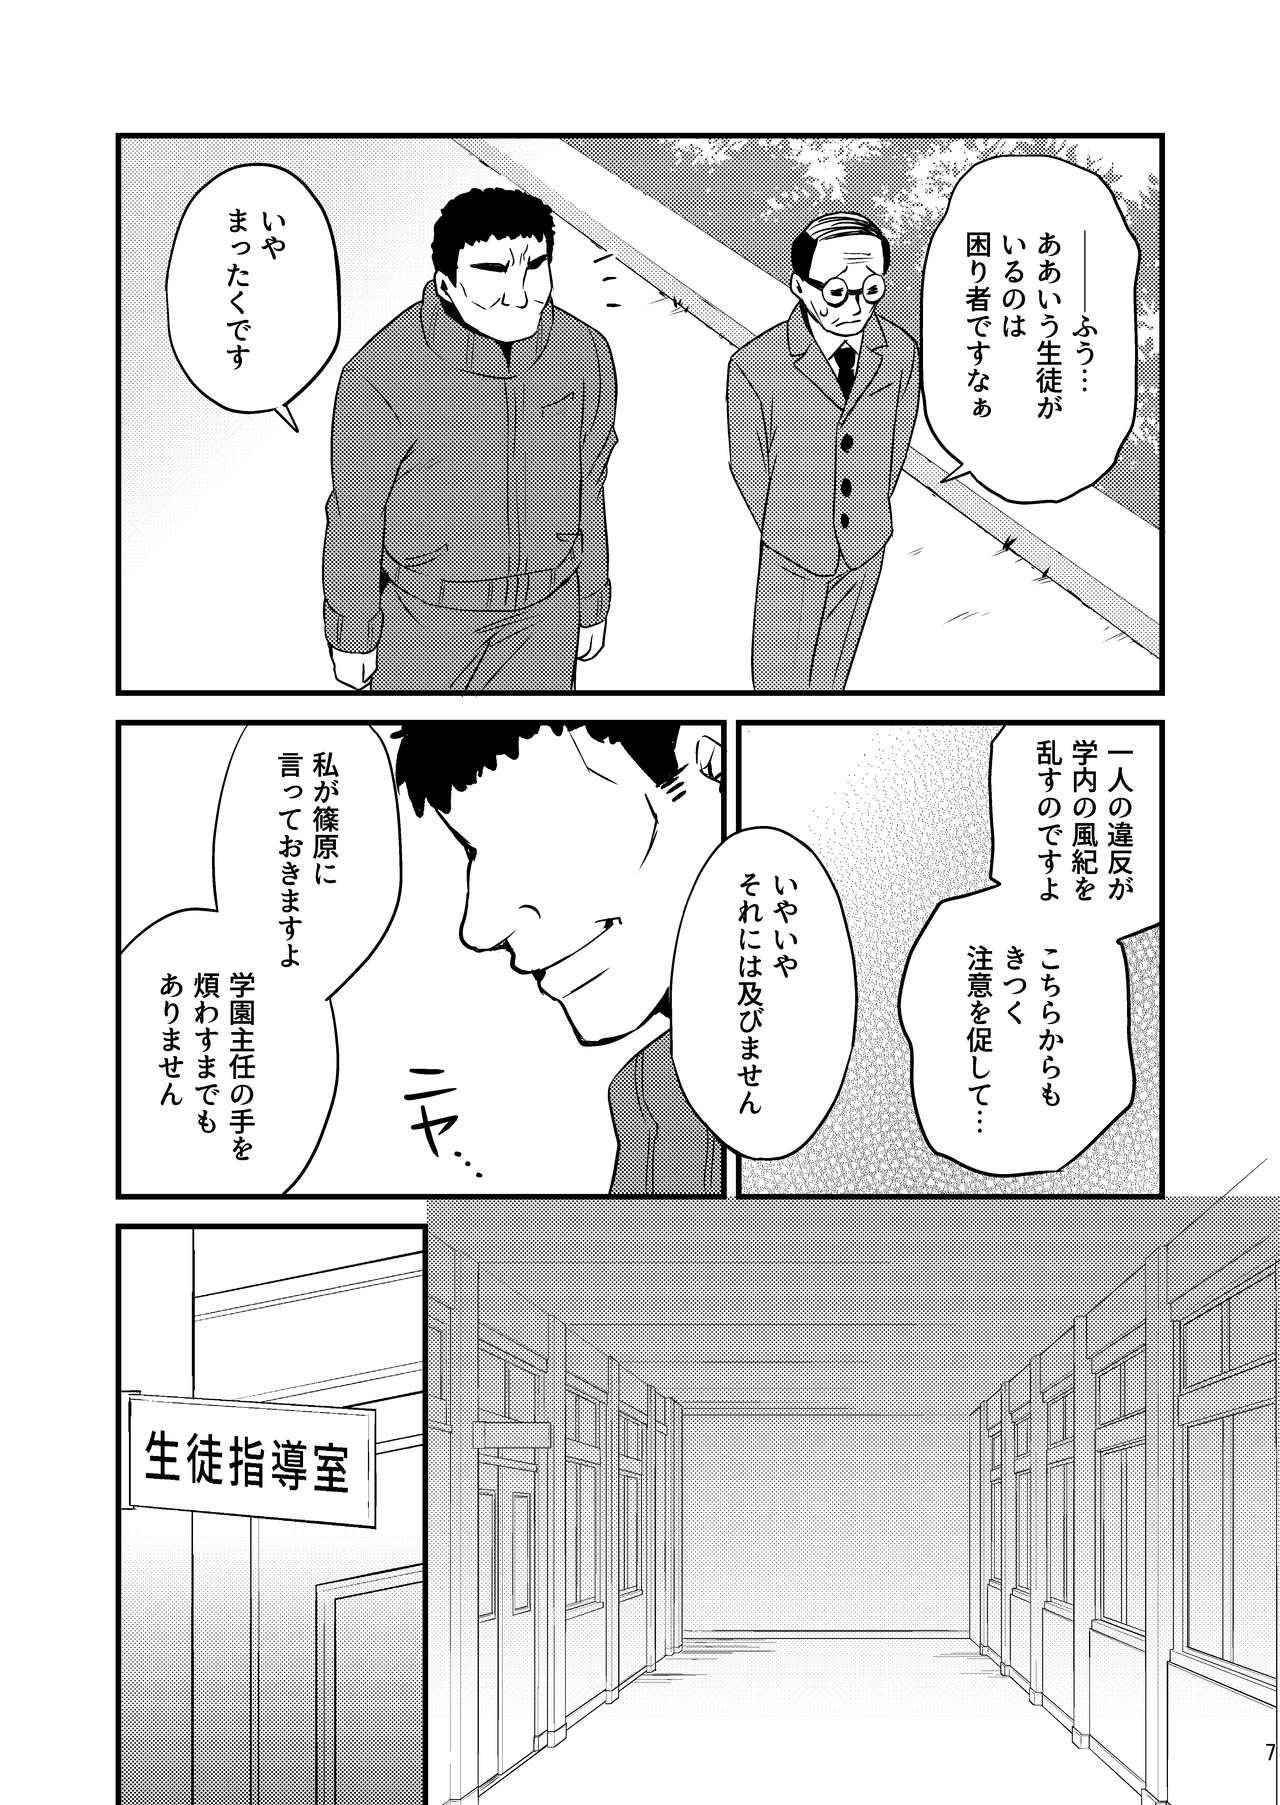 Seikatsu Shidou Shojo Bitch na Otokonoko o Zecchou Kyousei 5